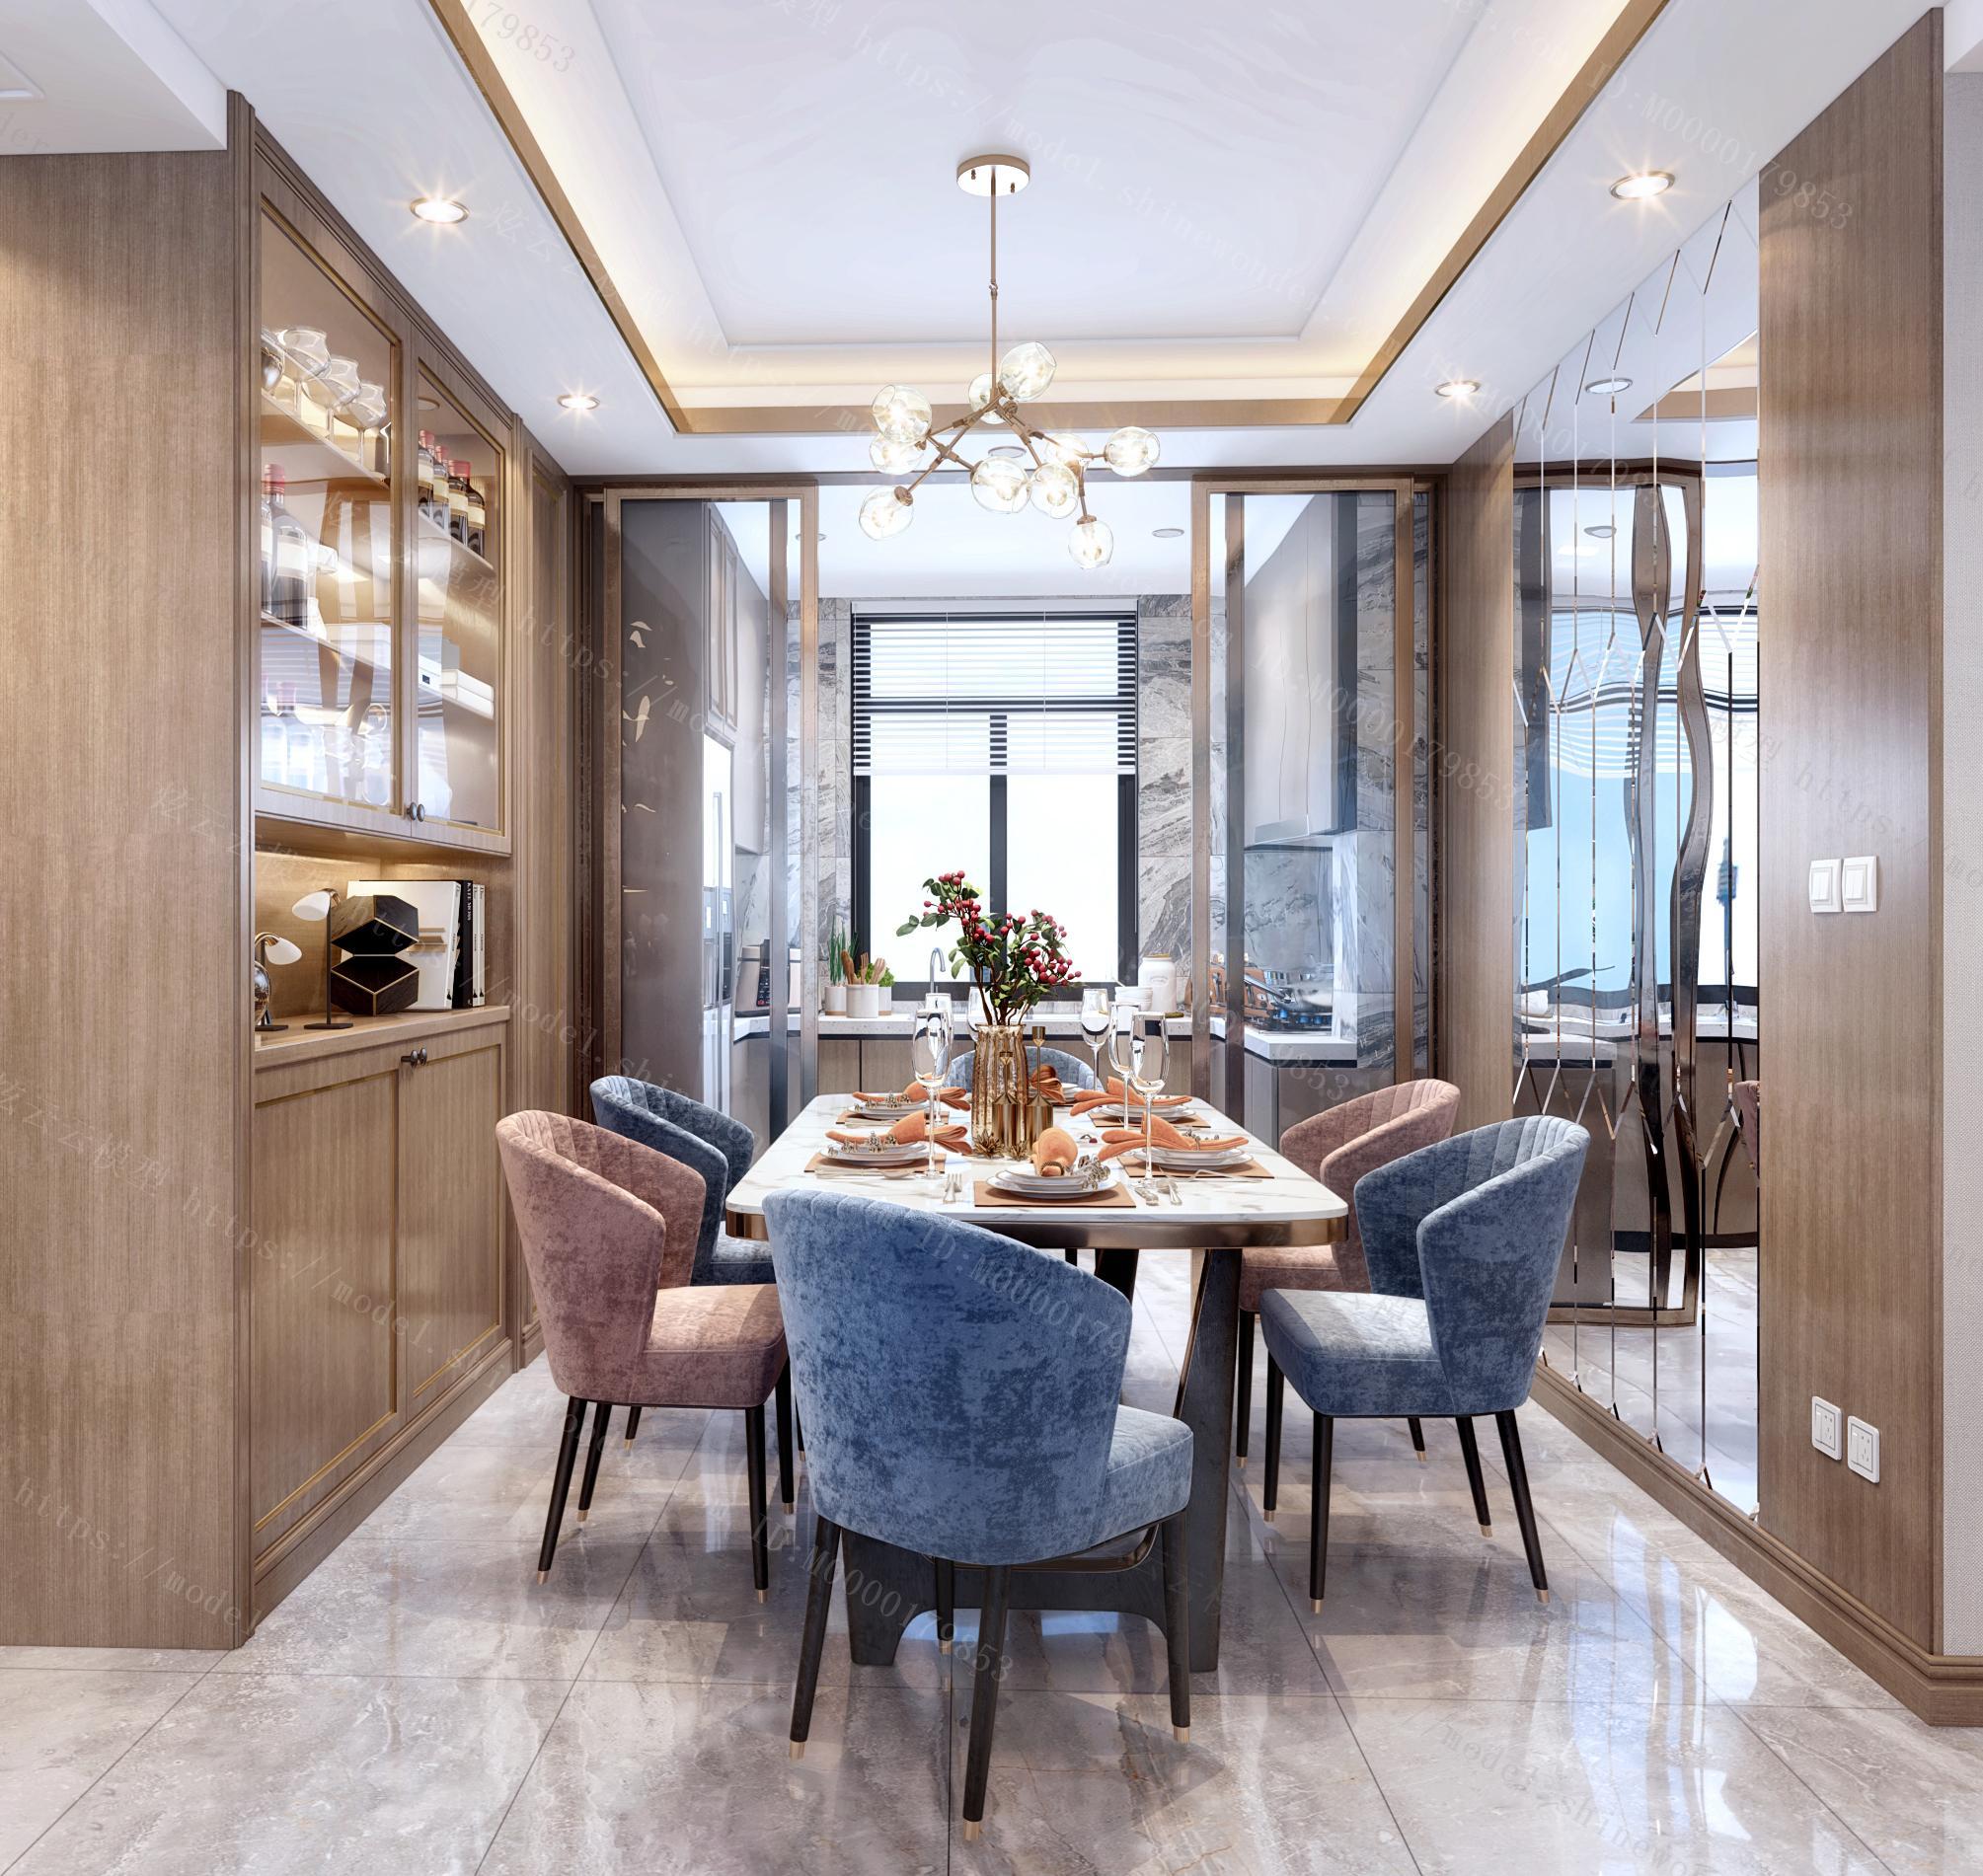 现代轻奢餐厅厨房模型